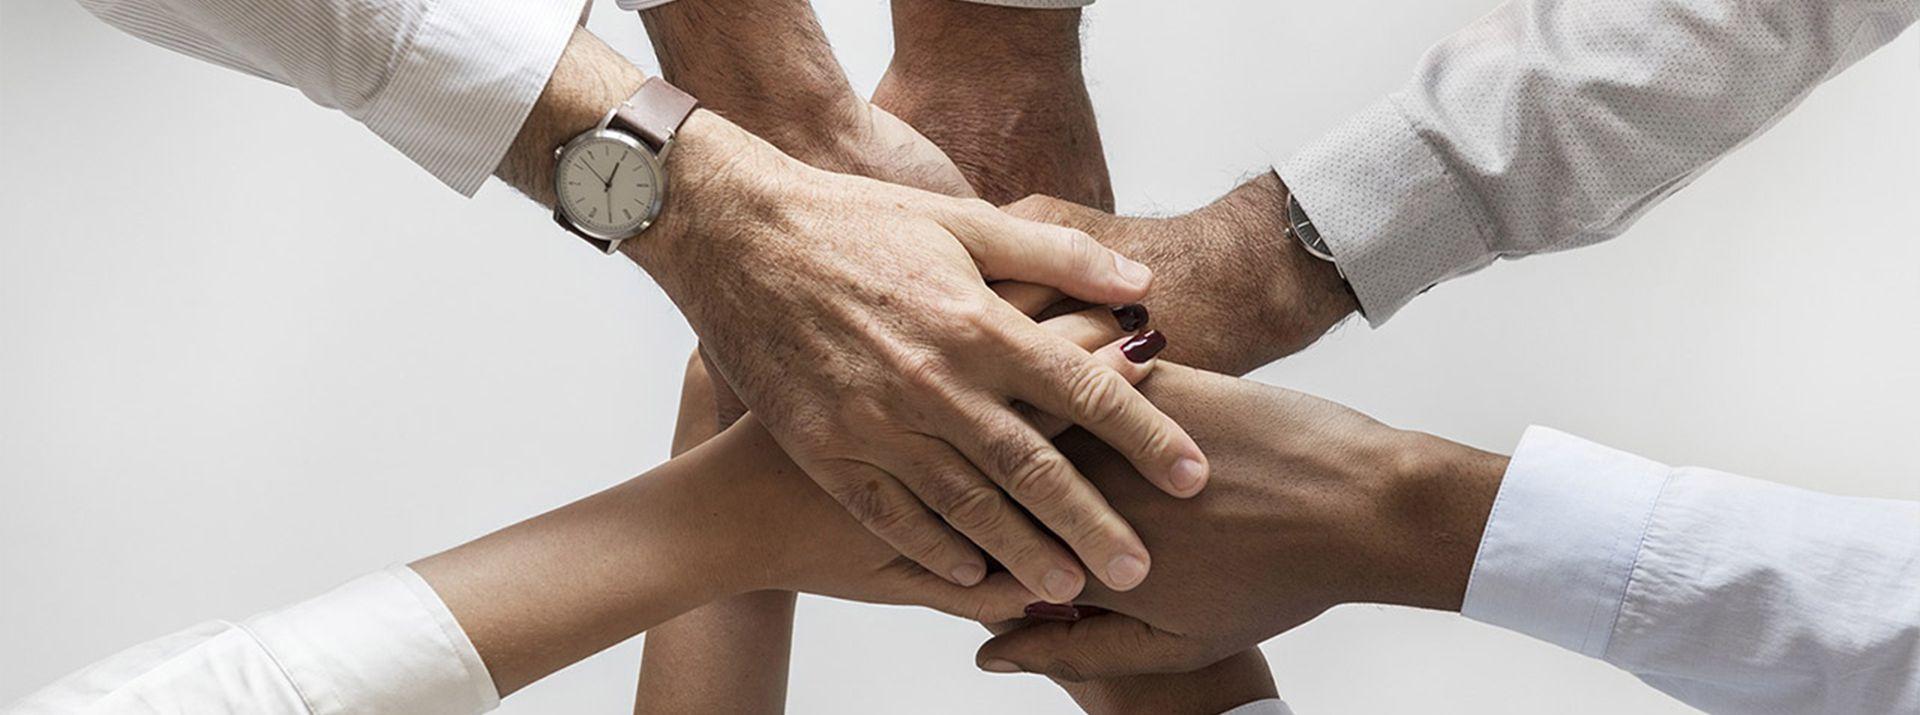 國際認可的催眠治療師團隊